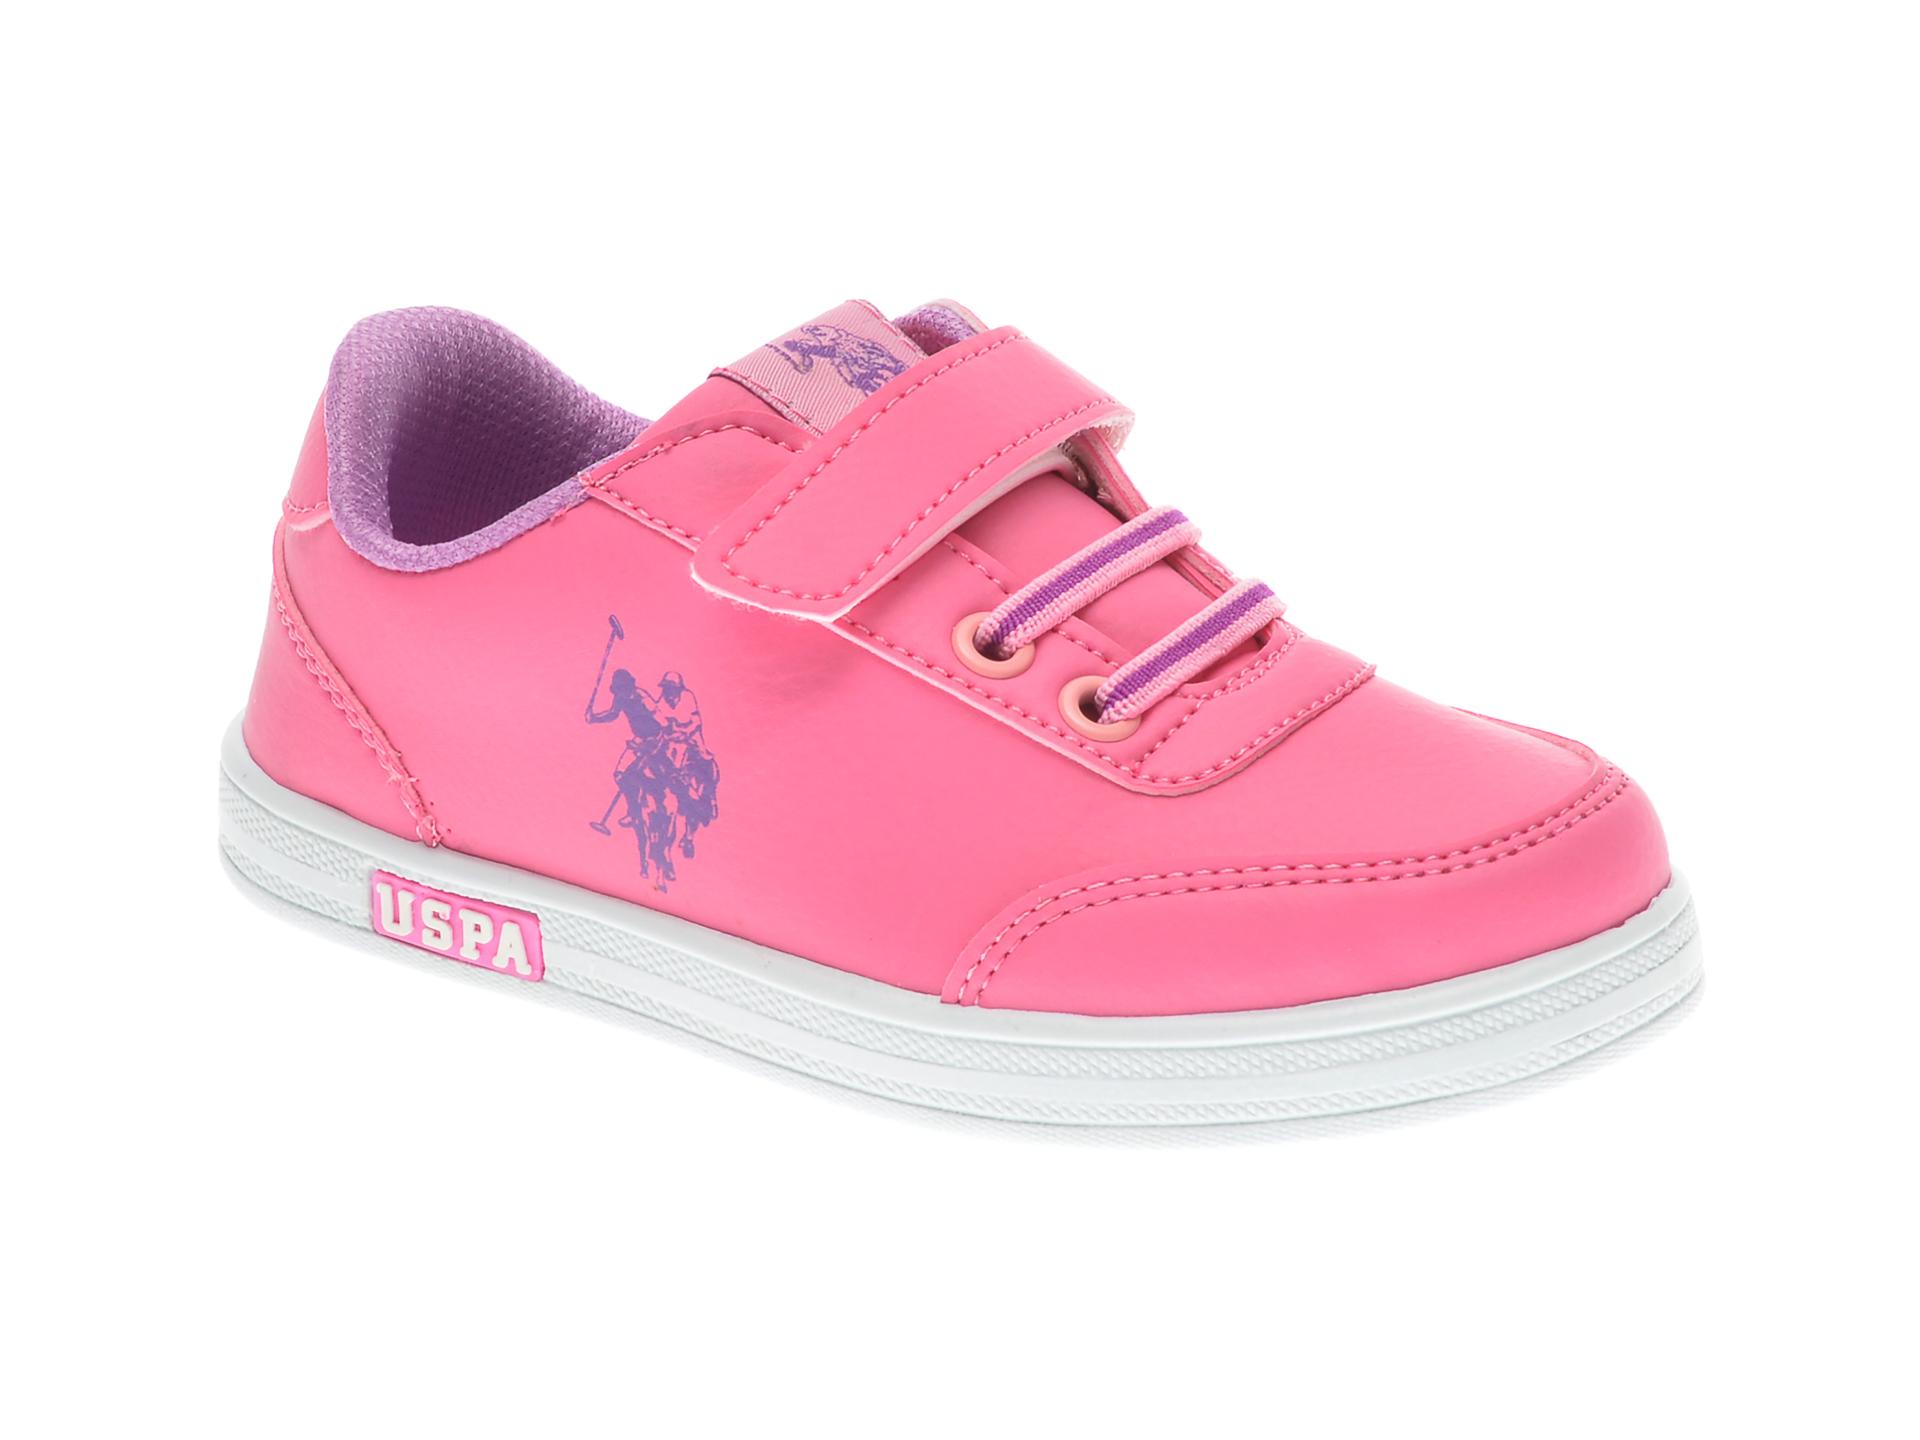 Pantofi sport US POLO ASSN roz, 380403, din piele ecologica imagine